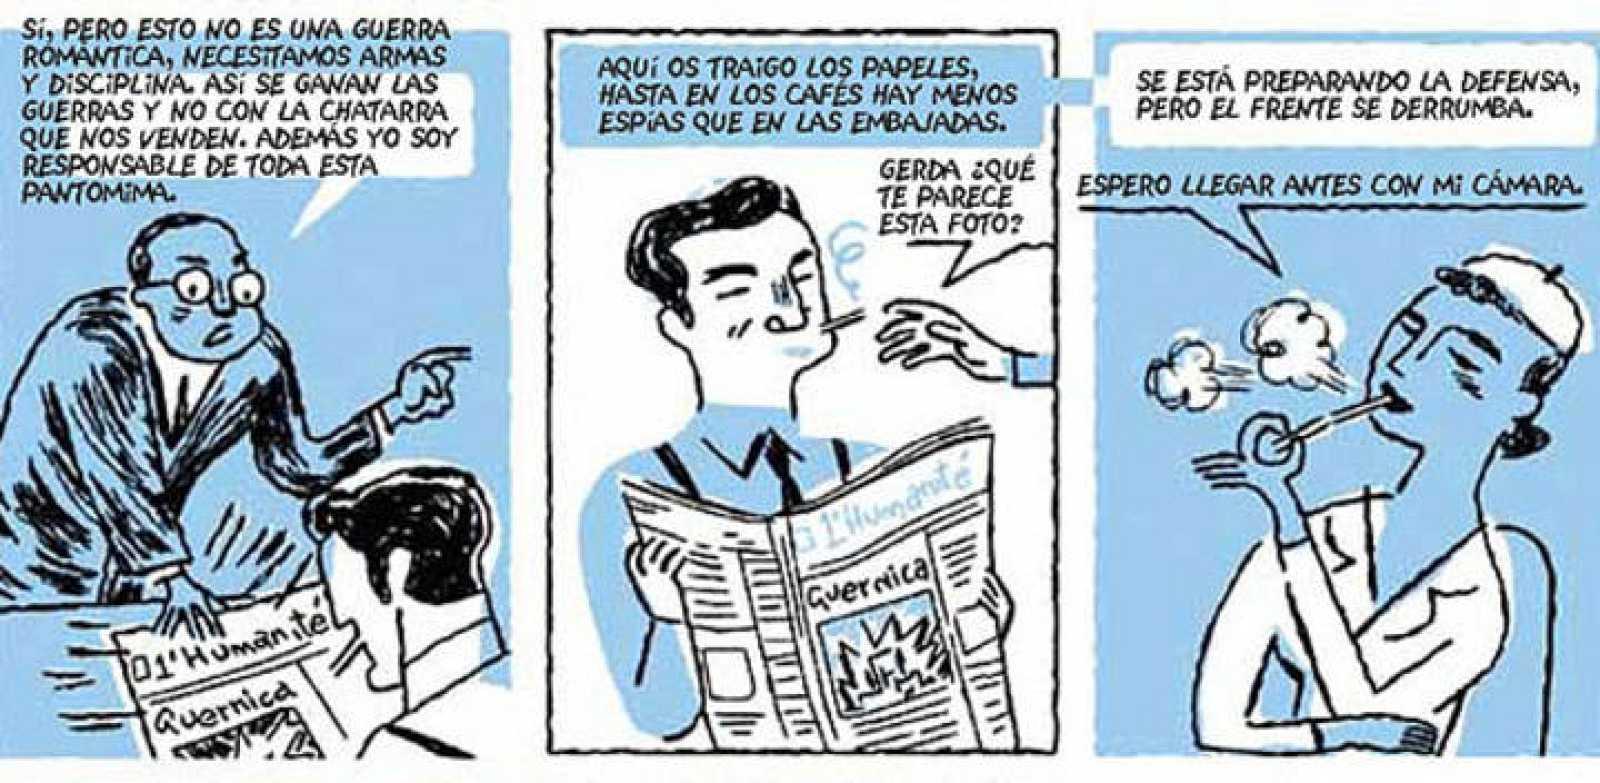 Viñetas de 'Tristísima ceniza', de Mikel Begoña e Iñaket